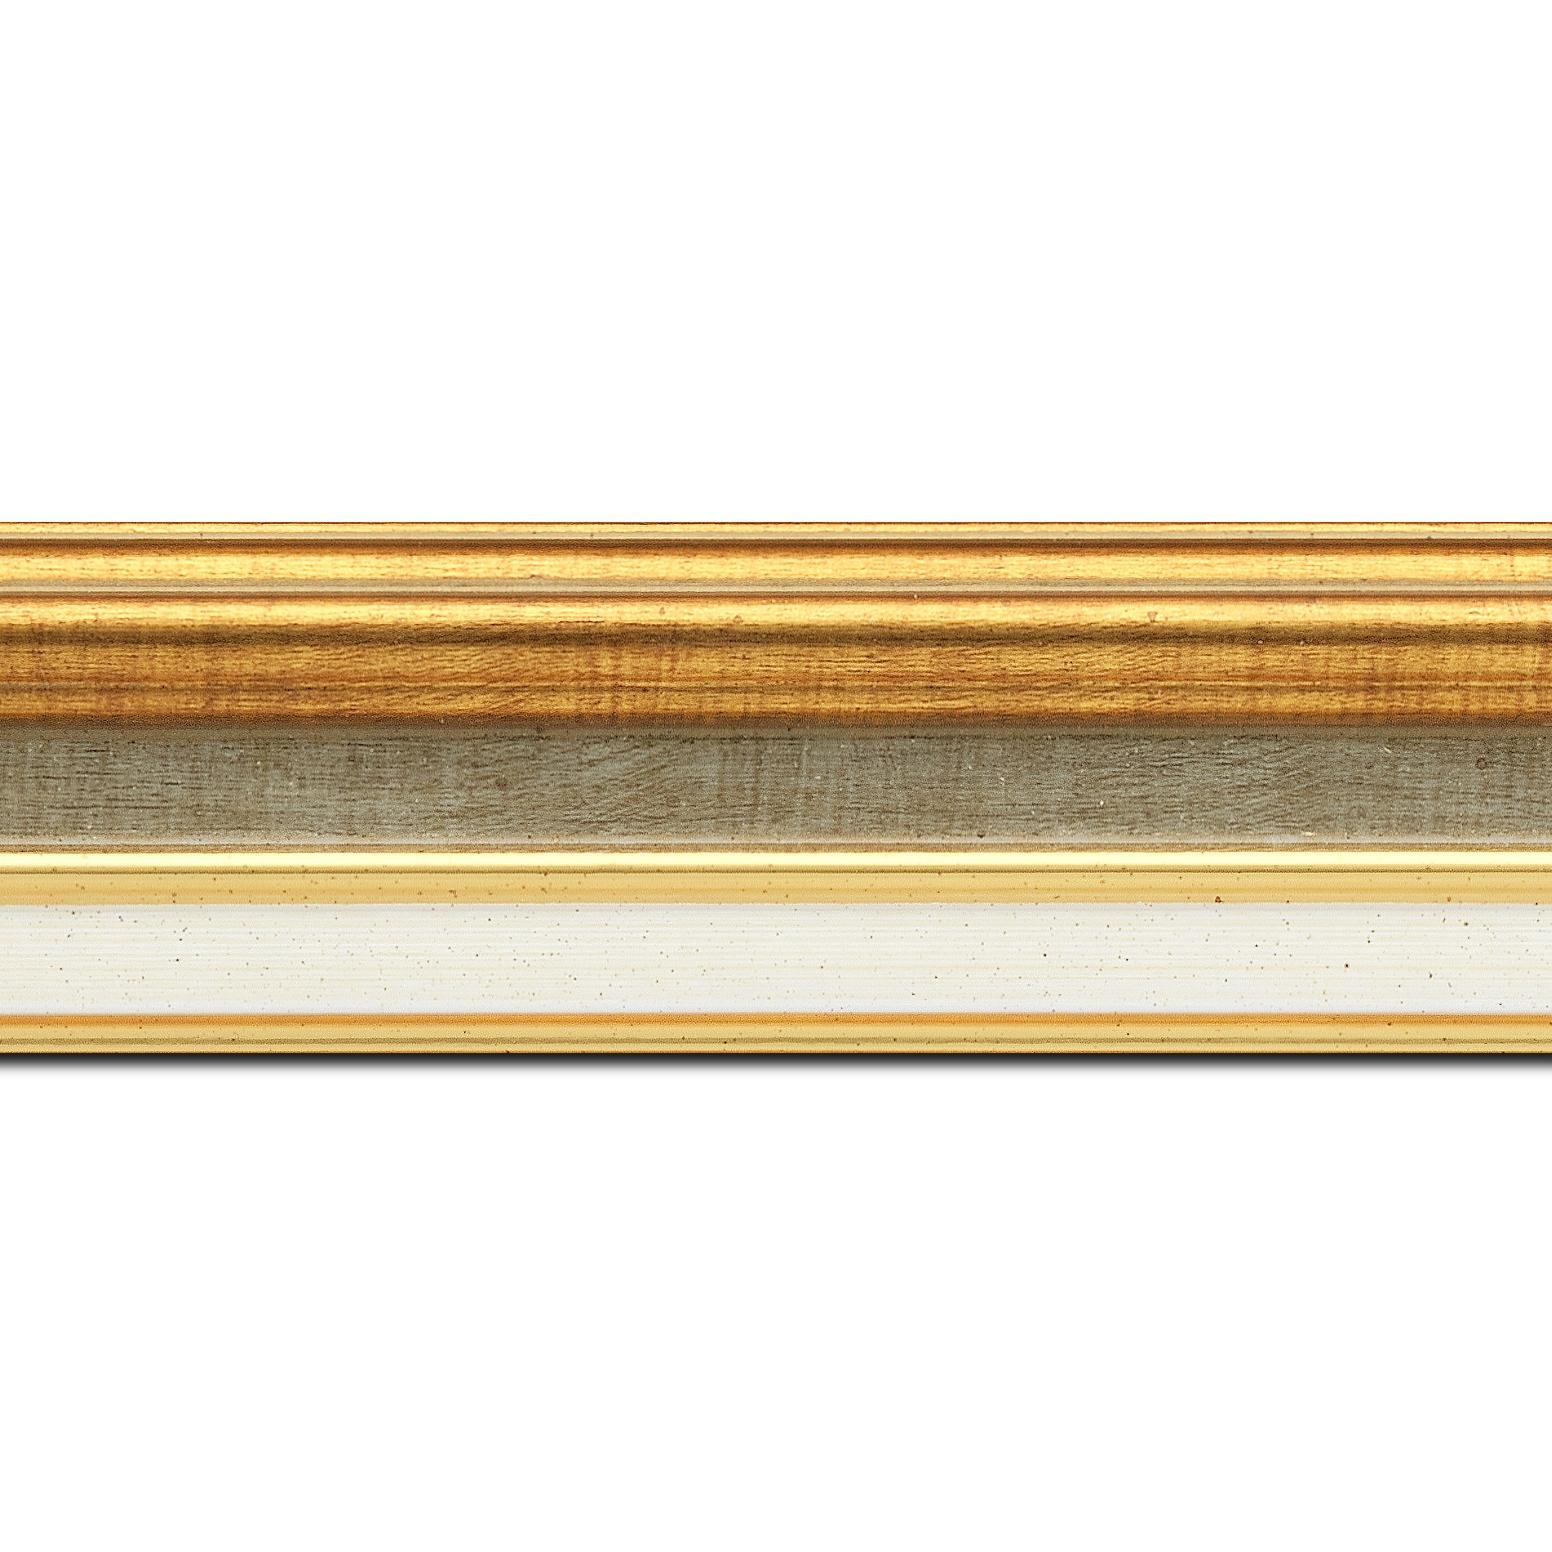 Pack par 12m, bois largeur 5.2cm or gorge champagne  marie louise crème filet or intégrée(longueur baguette pouvant varier entre 2.40m et 3m selon arrivage des bois)